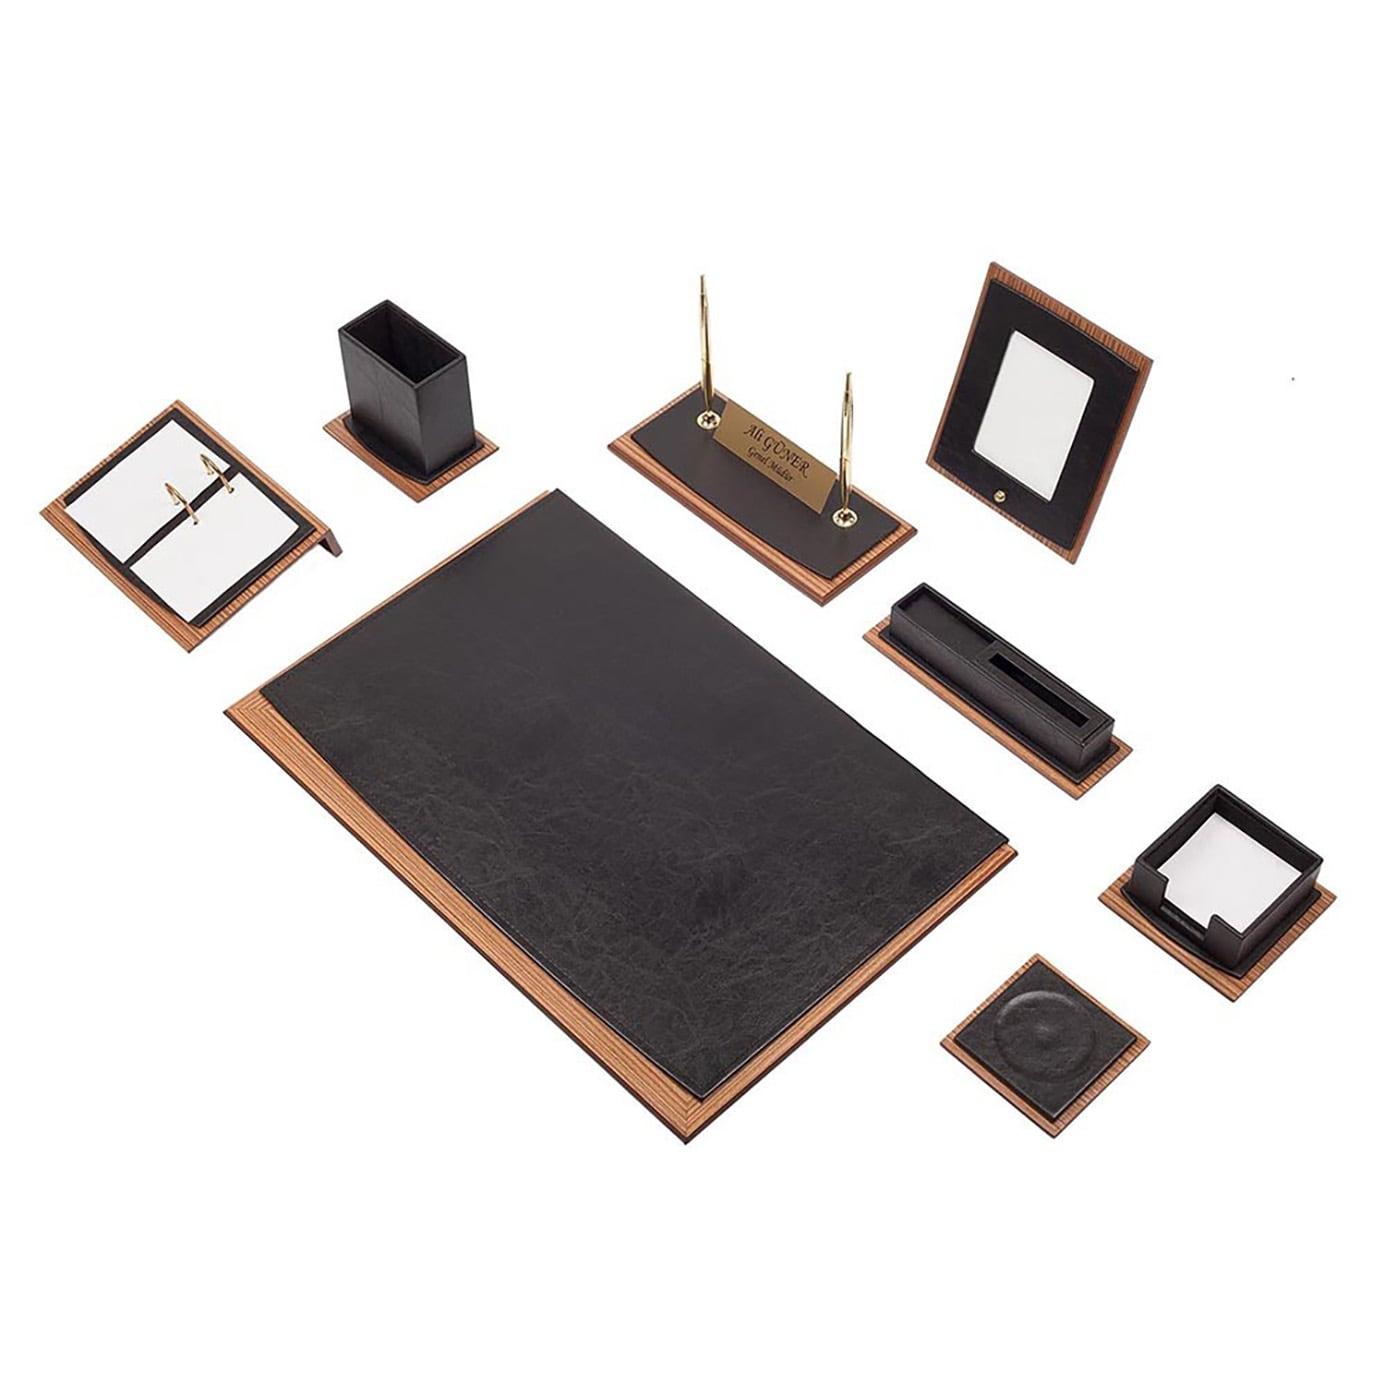 Star Lux Leather Desk Set 10 Pieces